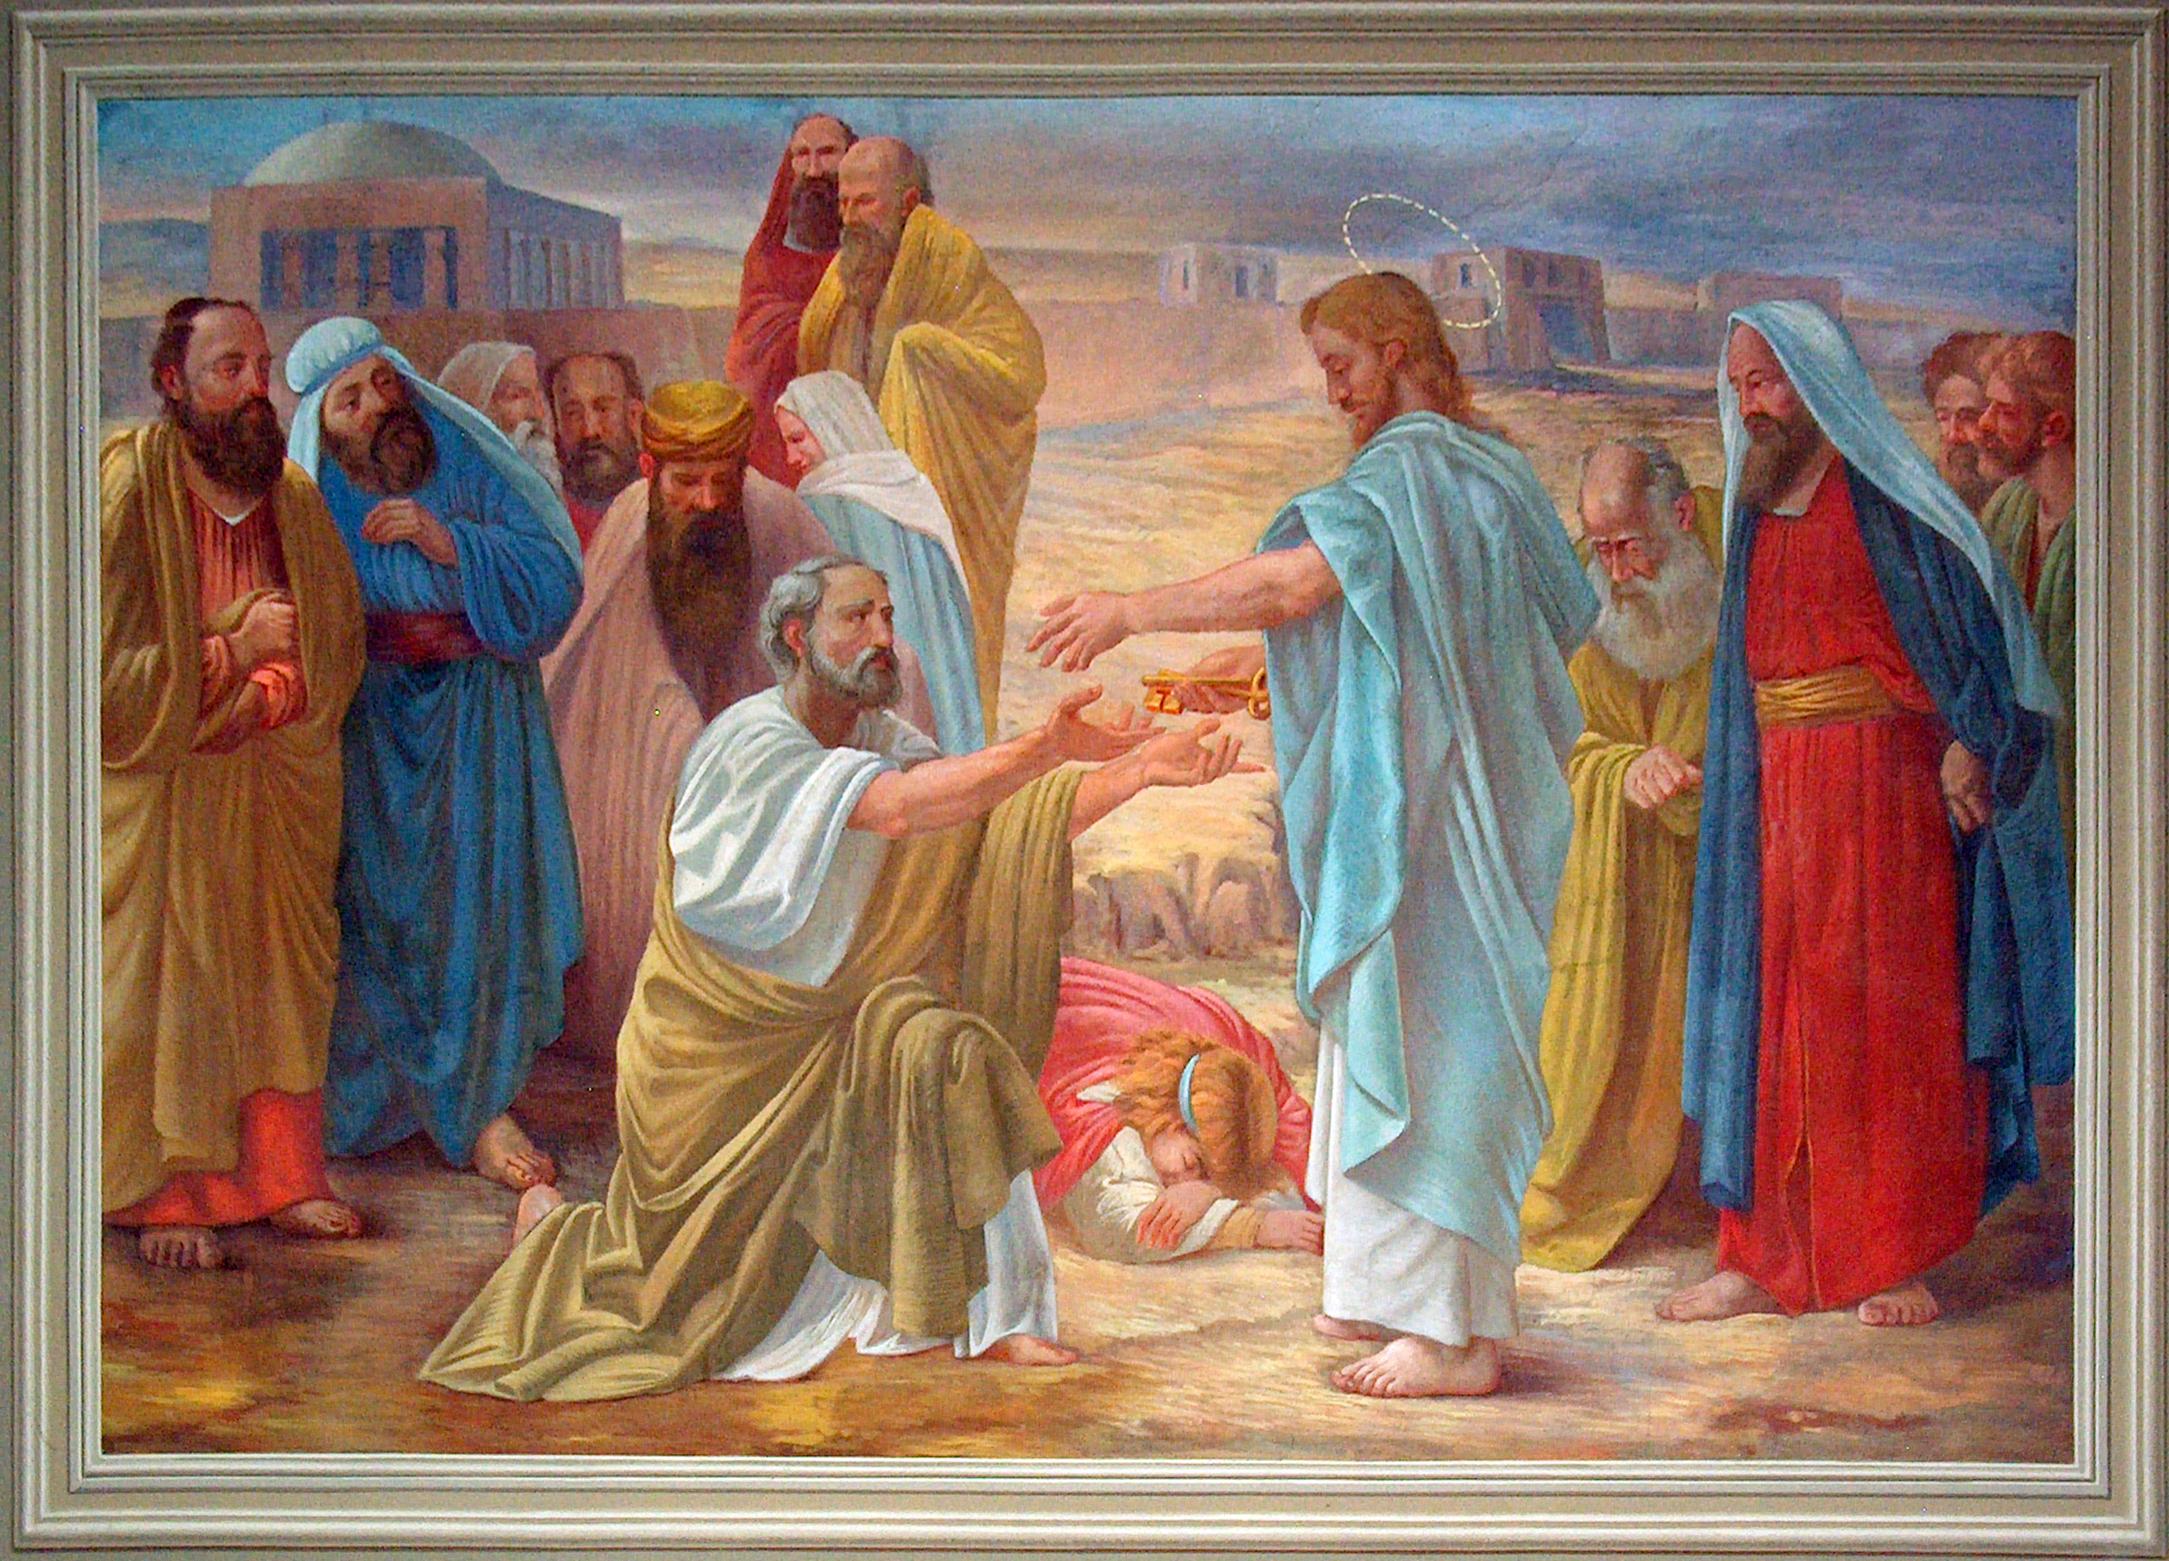 Consegna delle chiavi a Pietro 2